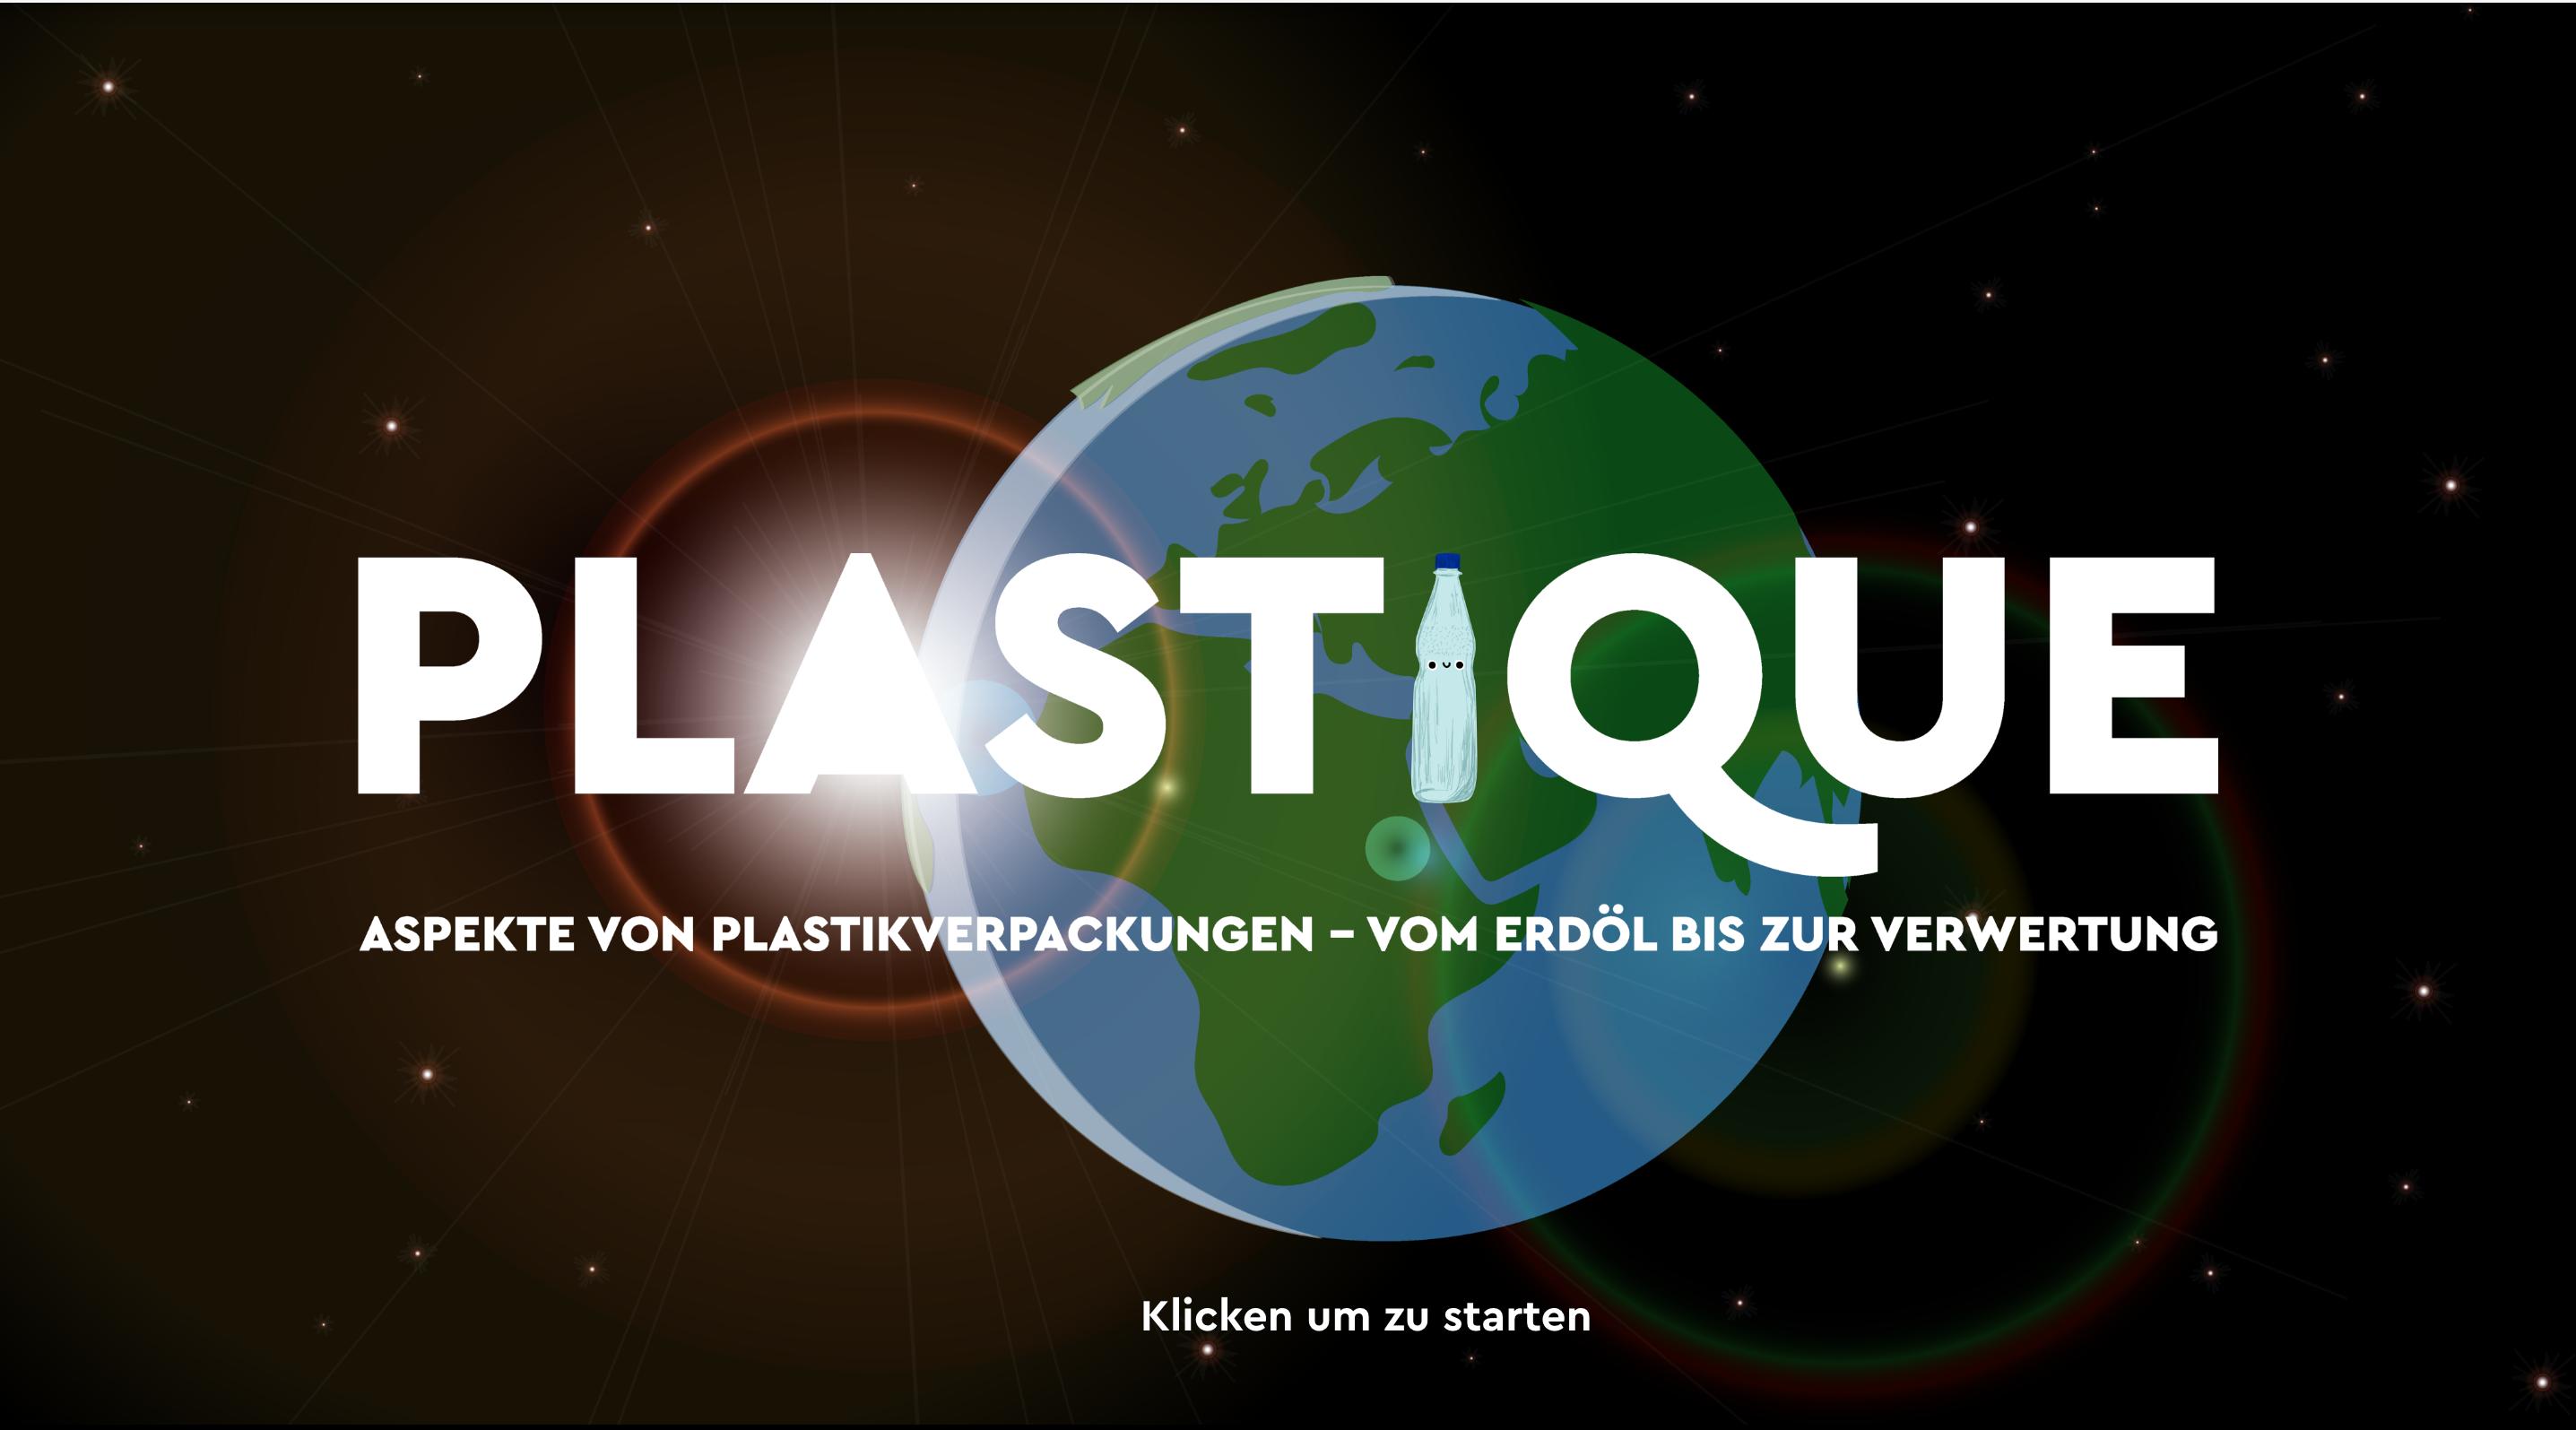 PLASTIQUE. Aspekte von Plastikverpackungen - Vom Erdöl bis zur Verwertung